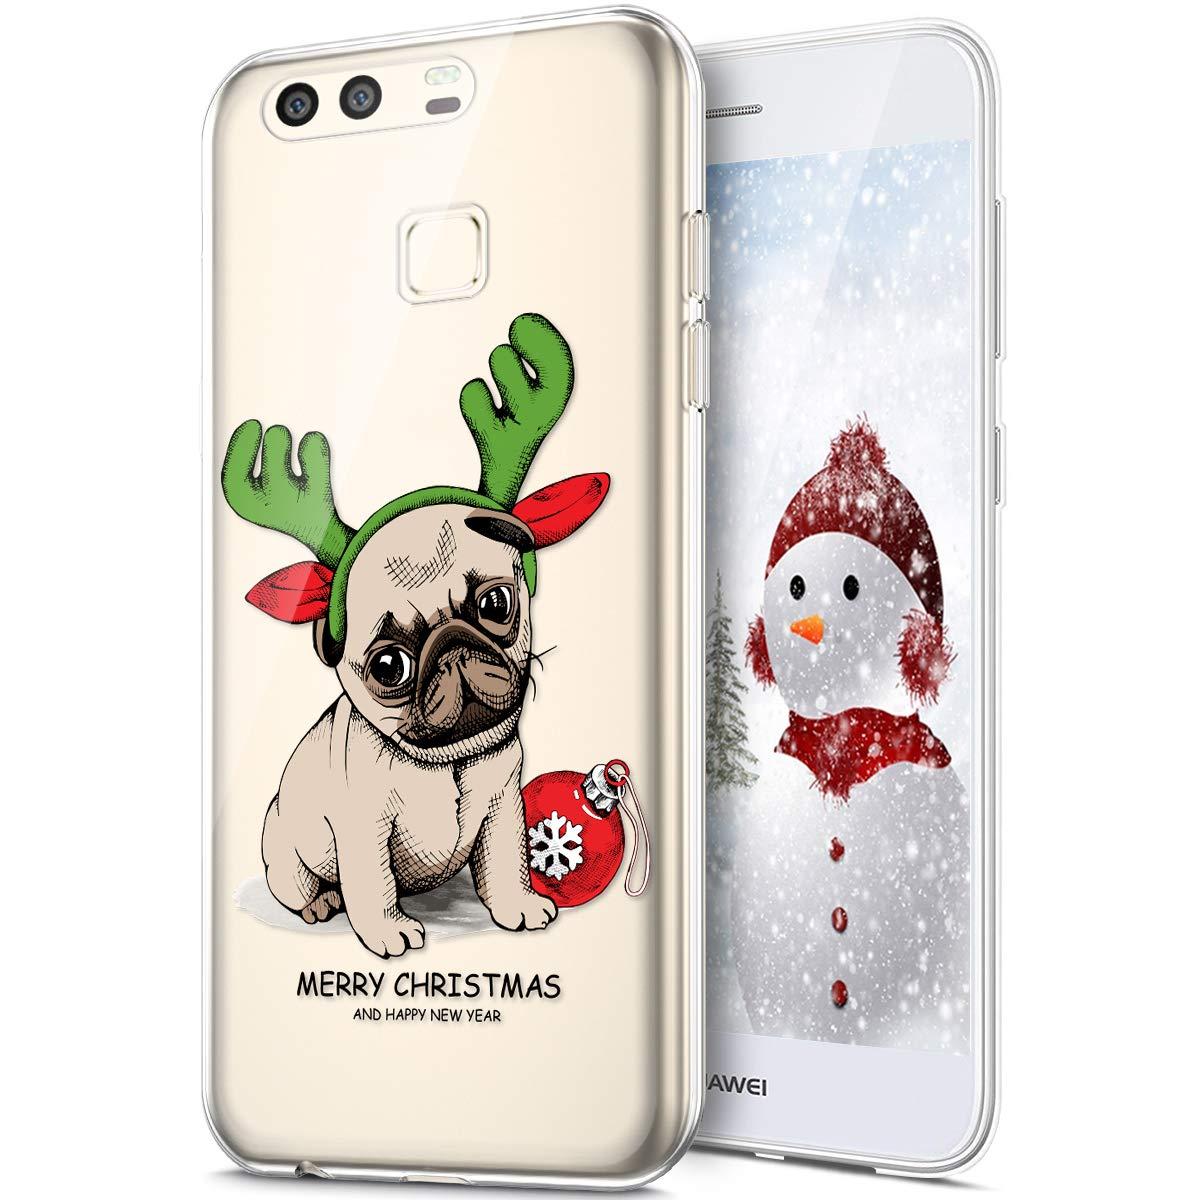 Rann.Bao Coque Compatible pour Huawei P9 Plus Coque Silicone TPU Transparente Housse Crystal Souple Gel Motif No/ël Ultra-Mince de Protection Couverture Etui Coquille Etui pour Huawei P9 Plus,#878